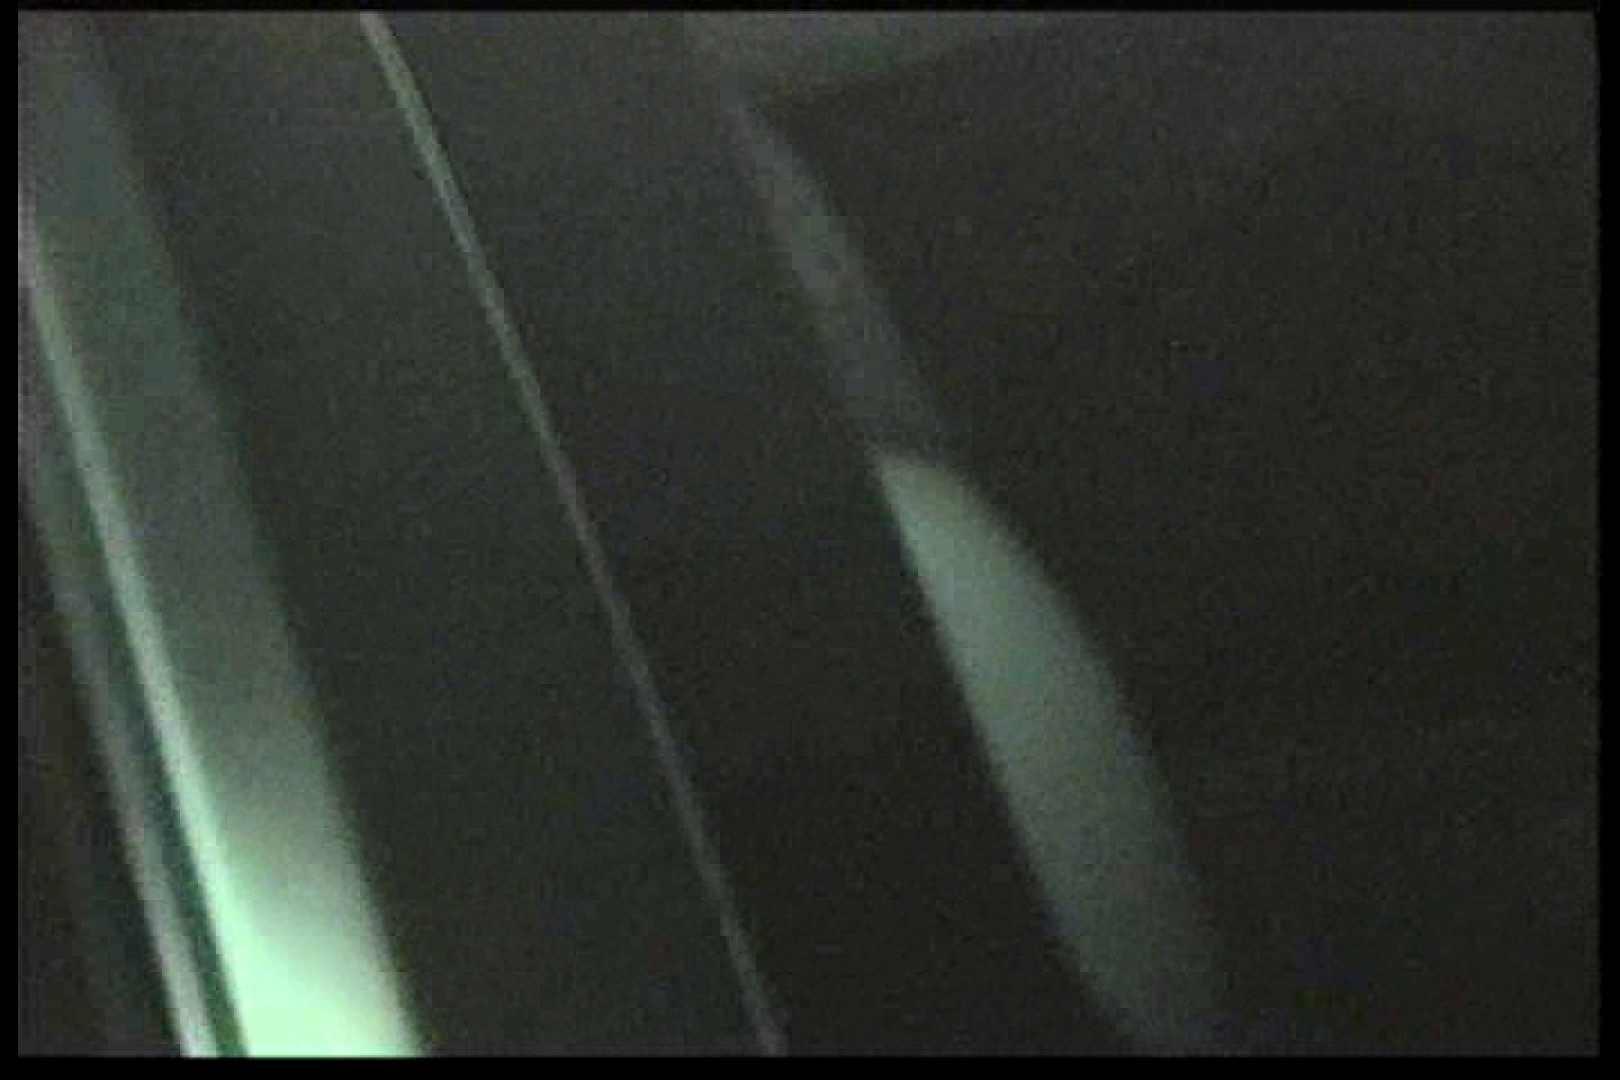 カーセックス未編集・無修正版 Vol.9前編 おまんこ丸出し ぱこり動画紹介 61連発 47